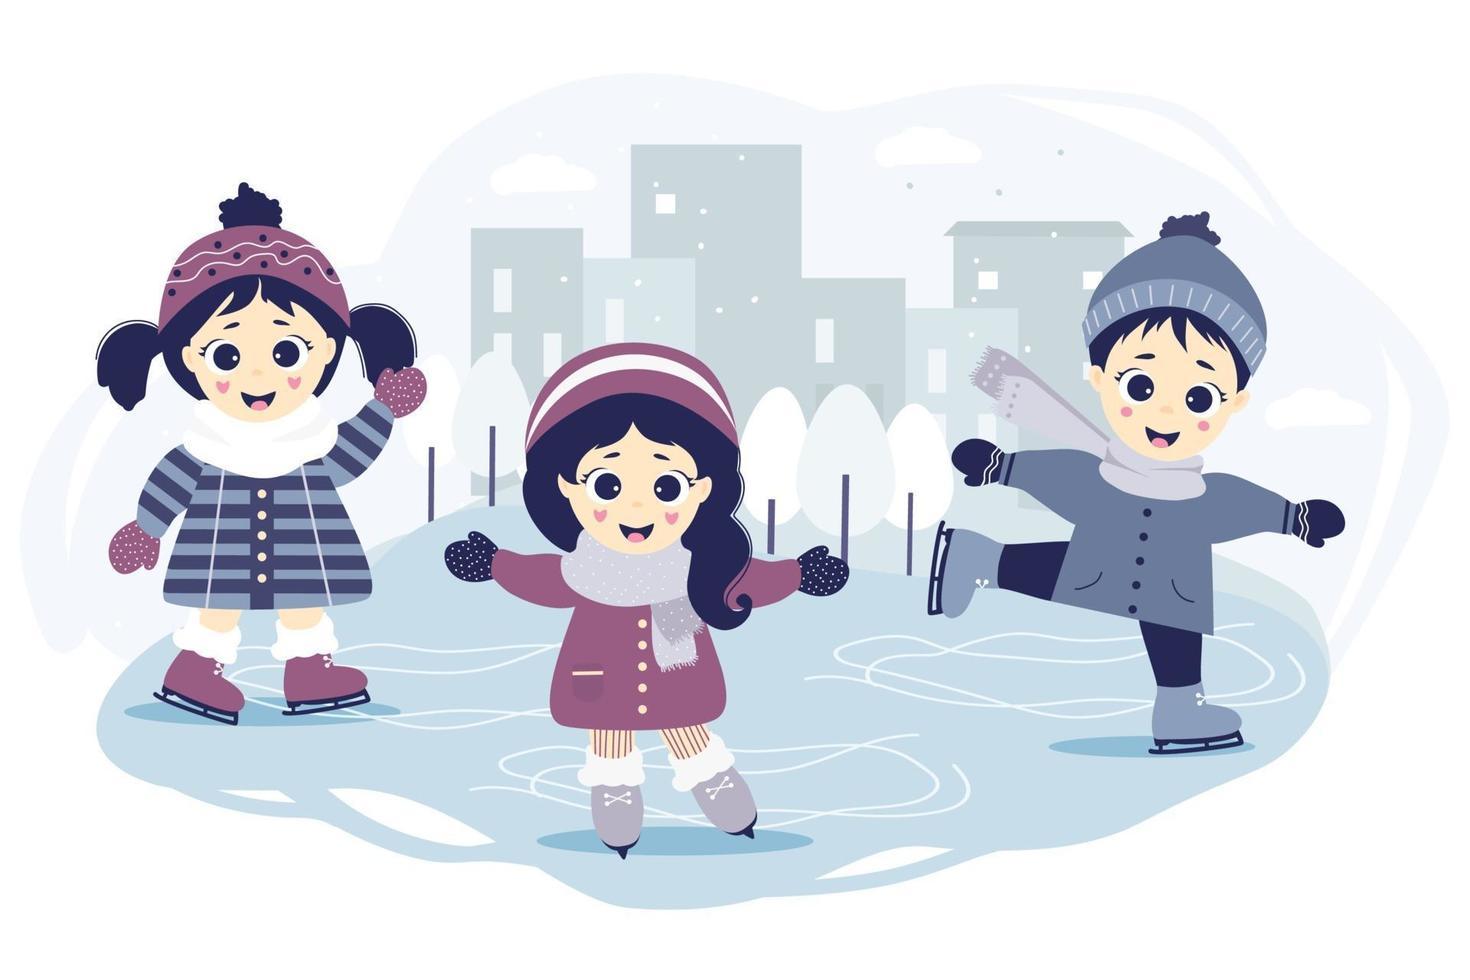 bambini felici pattinaggio sul ghiaccio vettore